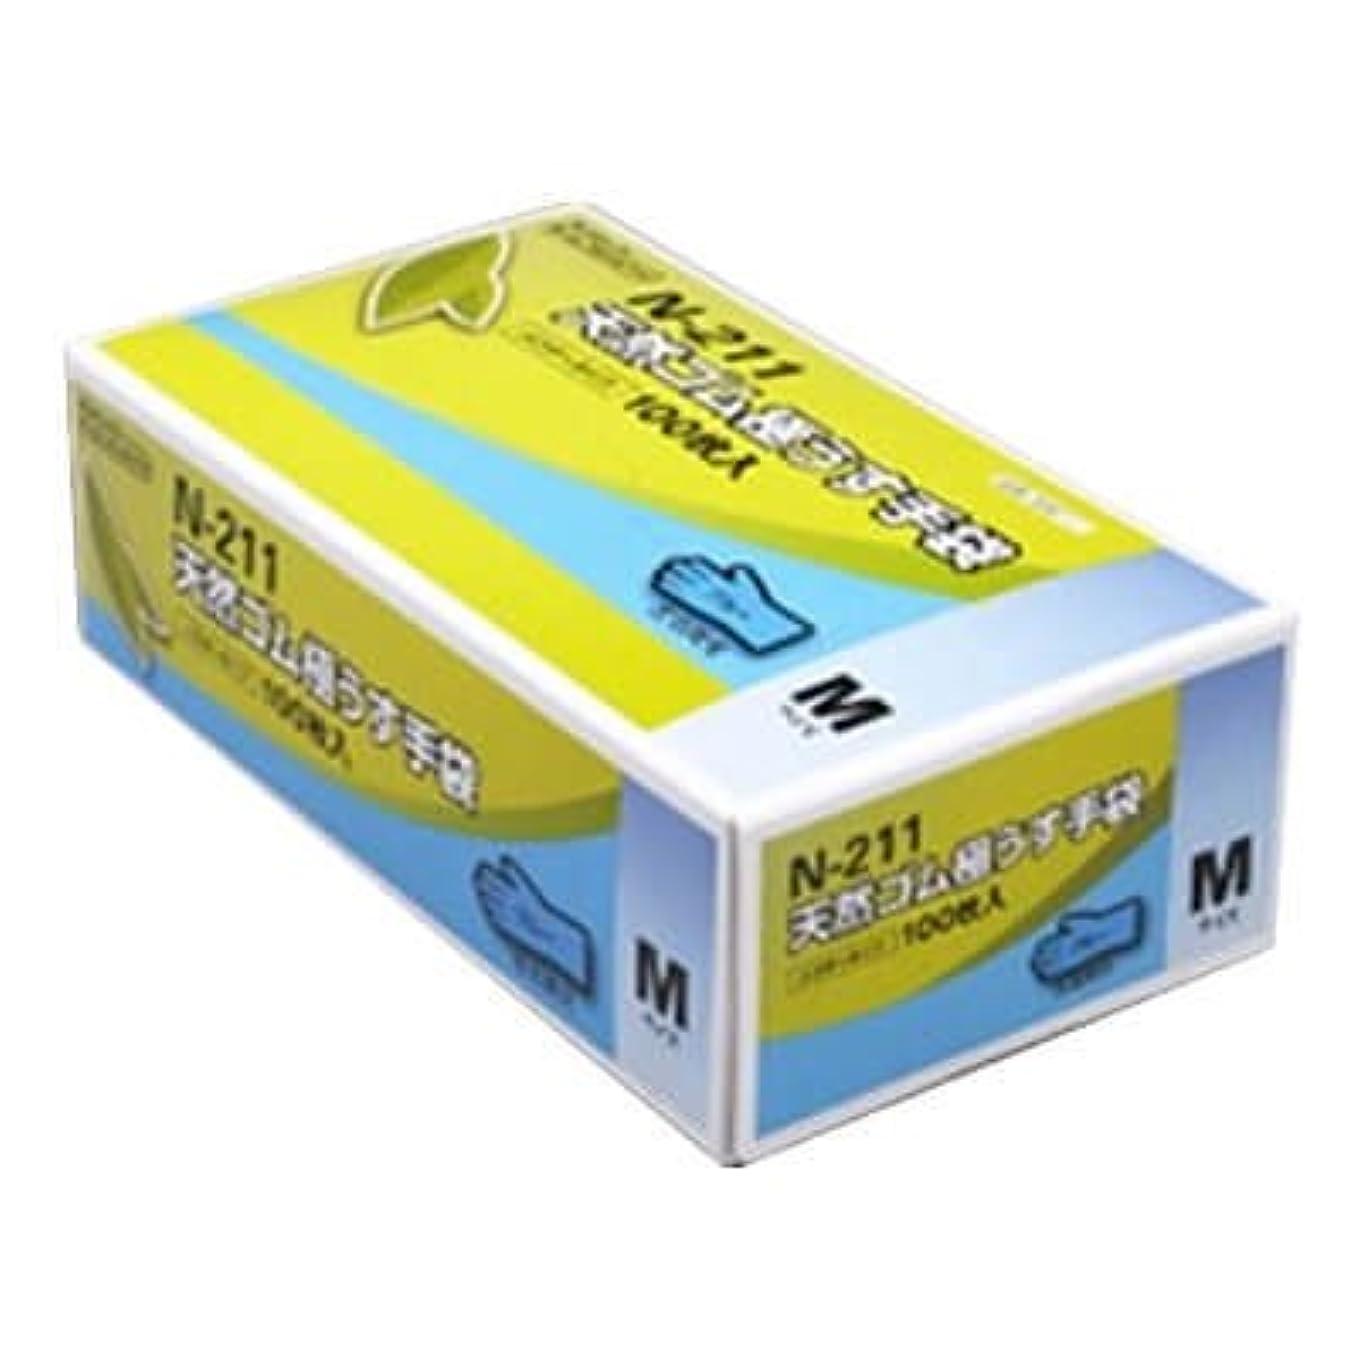 投げるティーンエイジャー運河【ケース販売】 ダンロップ 天然ゴム極うす手袋 N-211 M ブルー (100枚入×20箱)